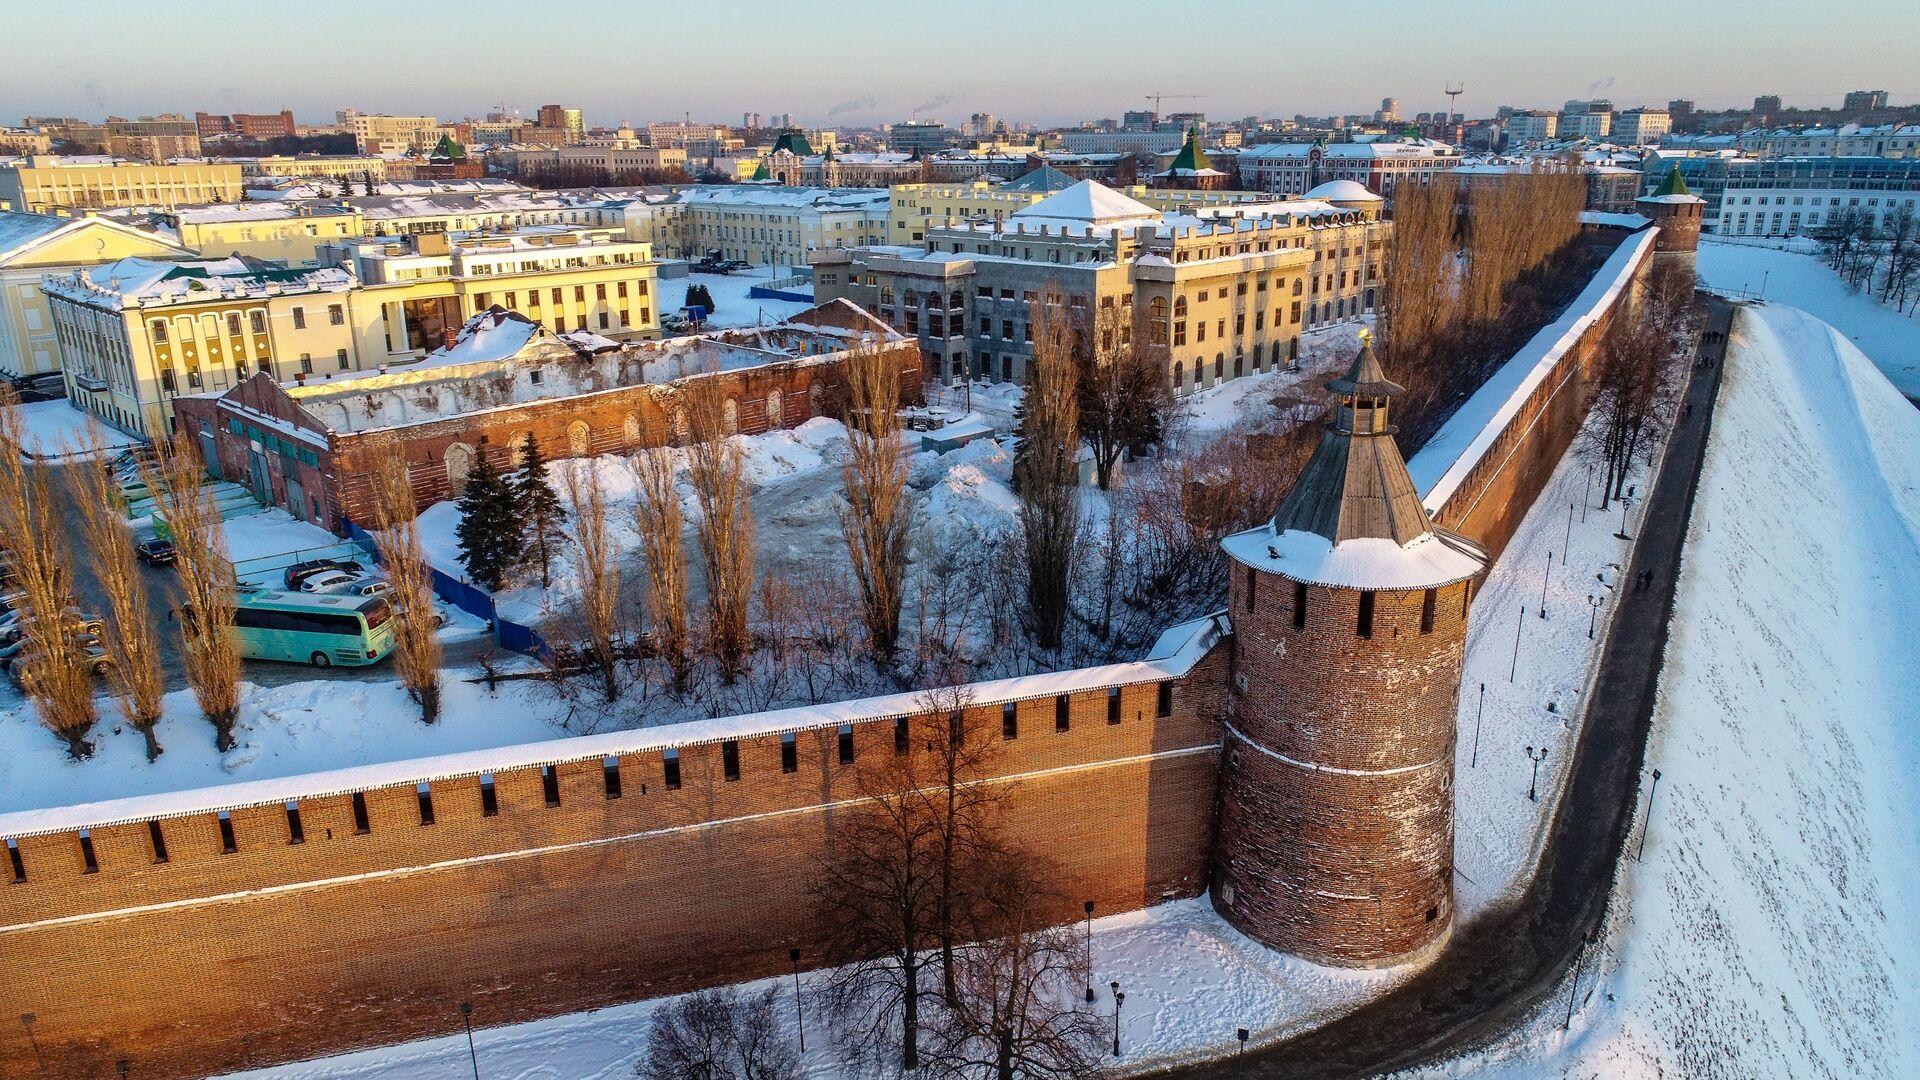 Нижегородский кремль - РИА Новости, 1920, 15.02.2021